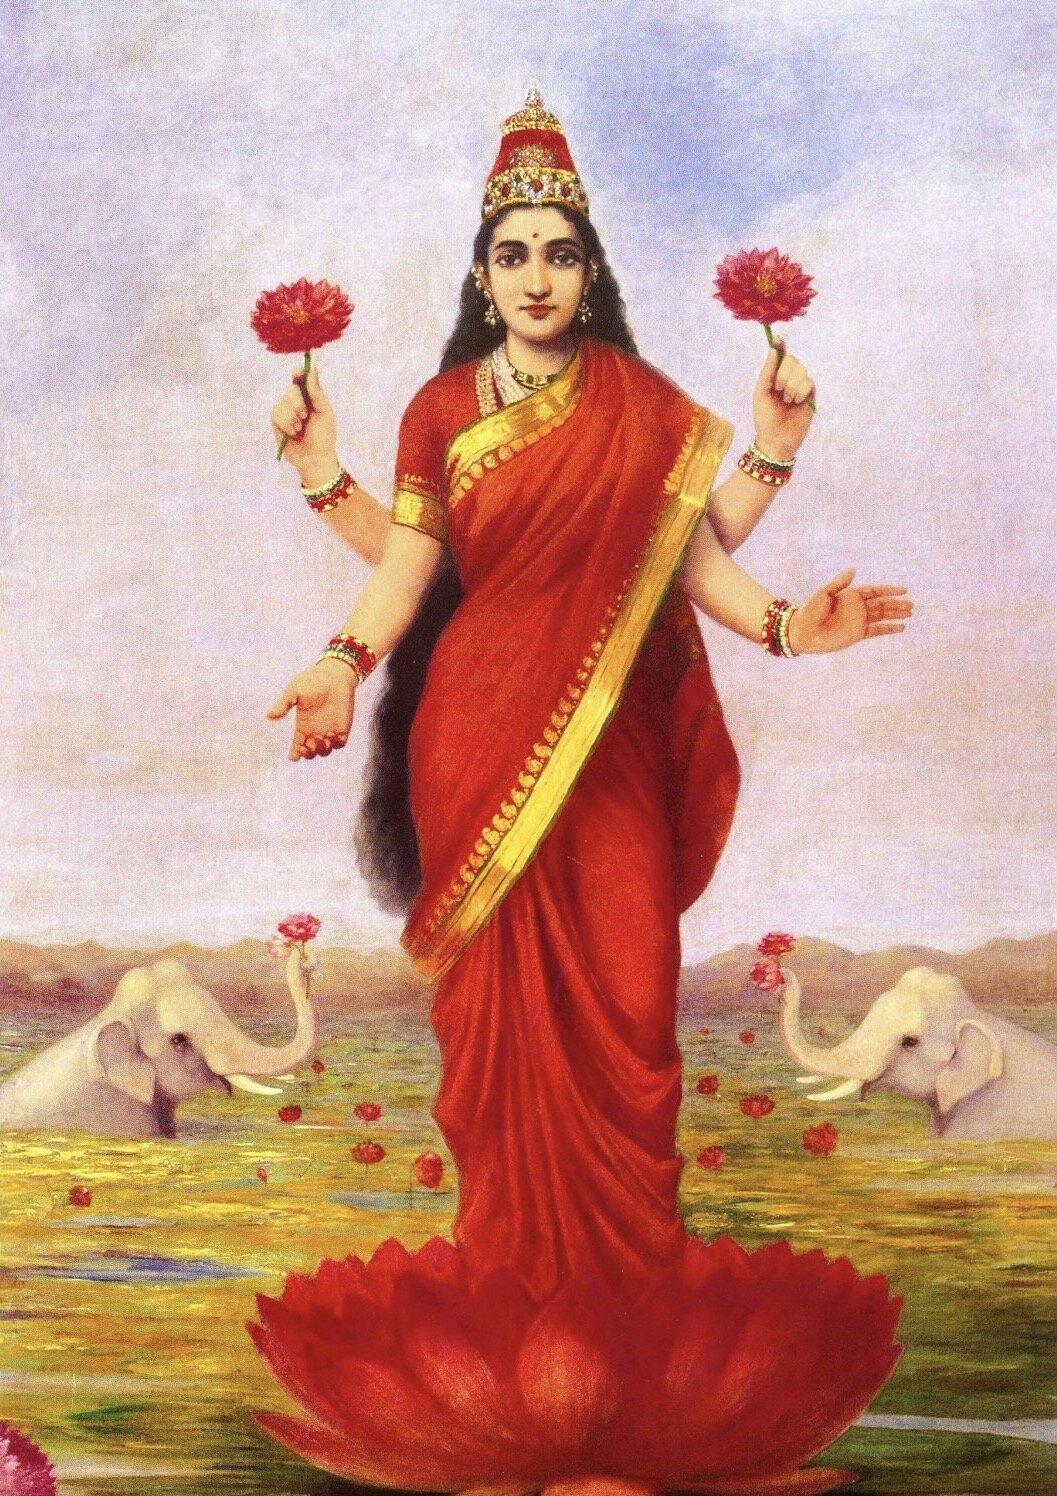 Raja_Ravi_Varma,_Goddess_Lakshmi,_1896.jpg